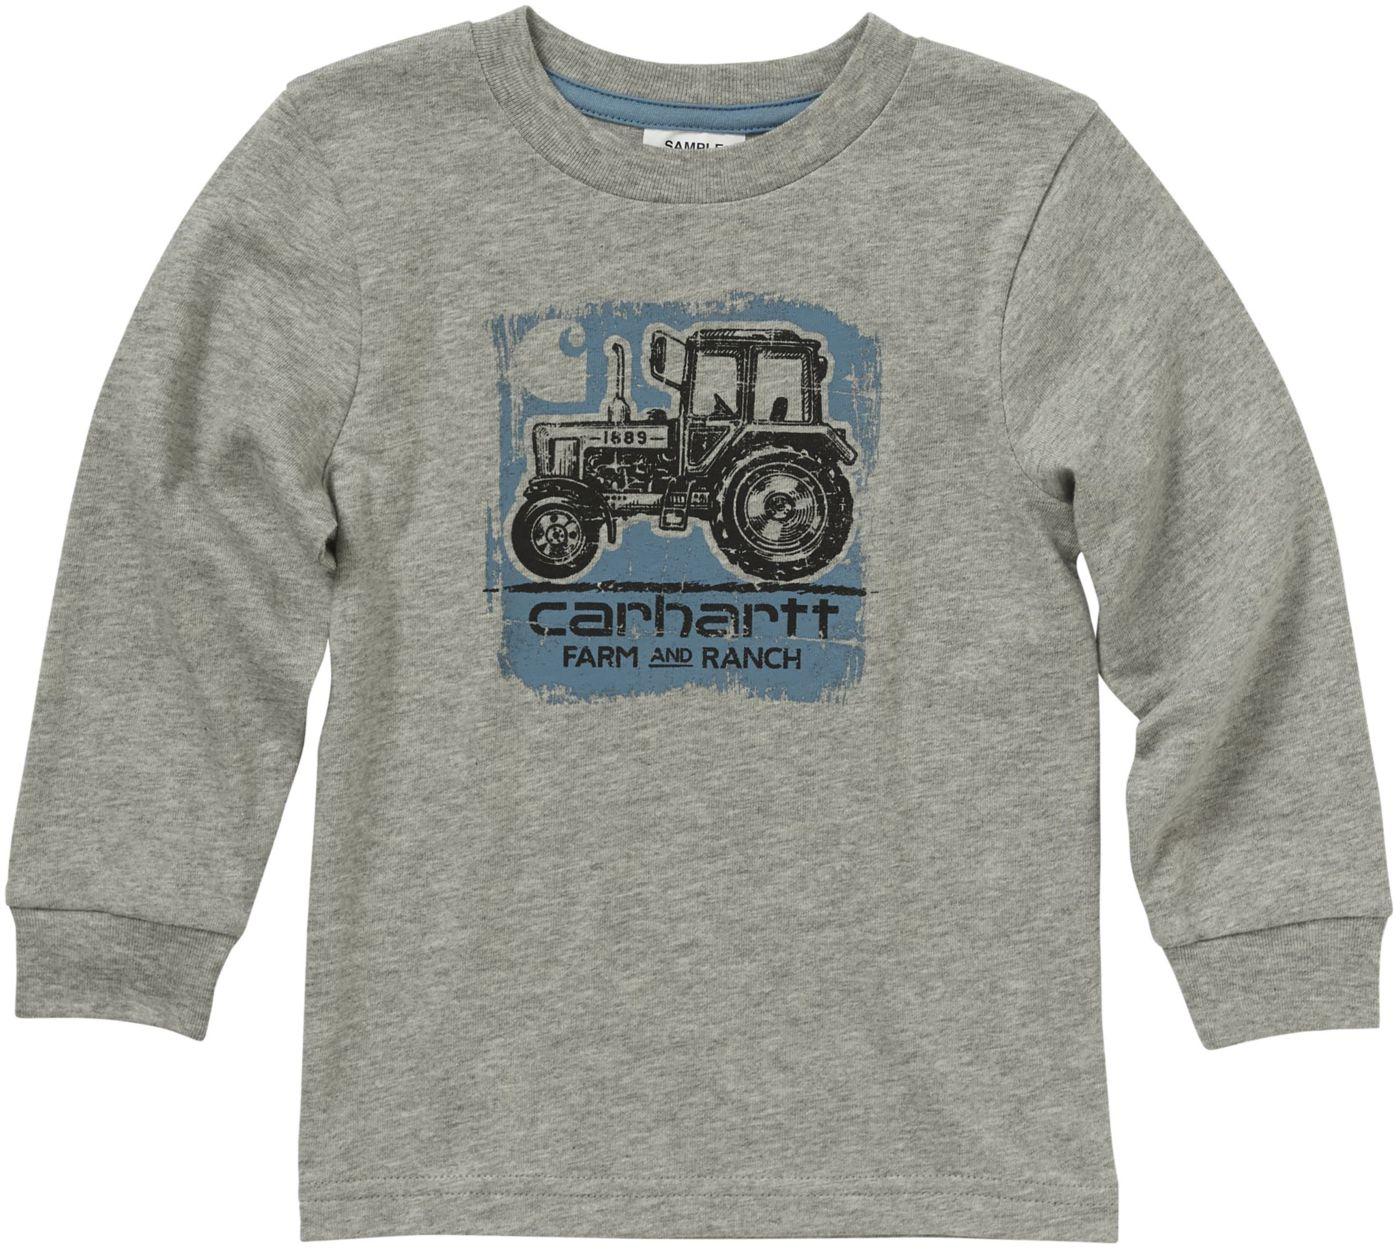 Carhartt Little Boys' Long Sleeve Farm and Ranch T-Shirt